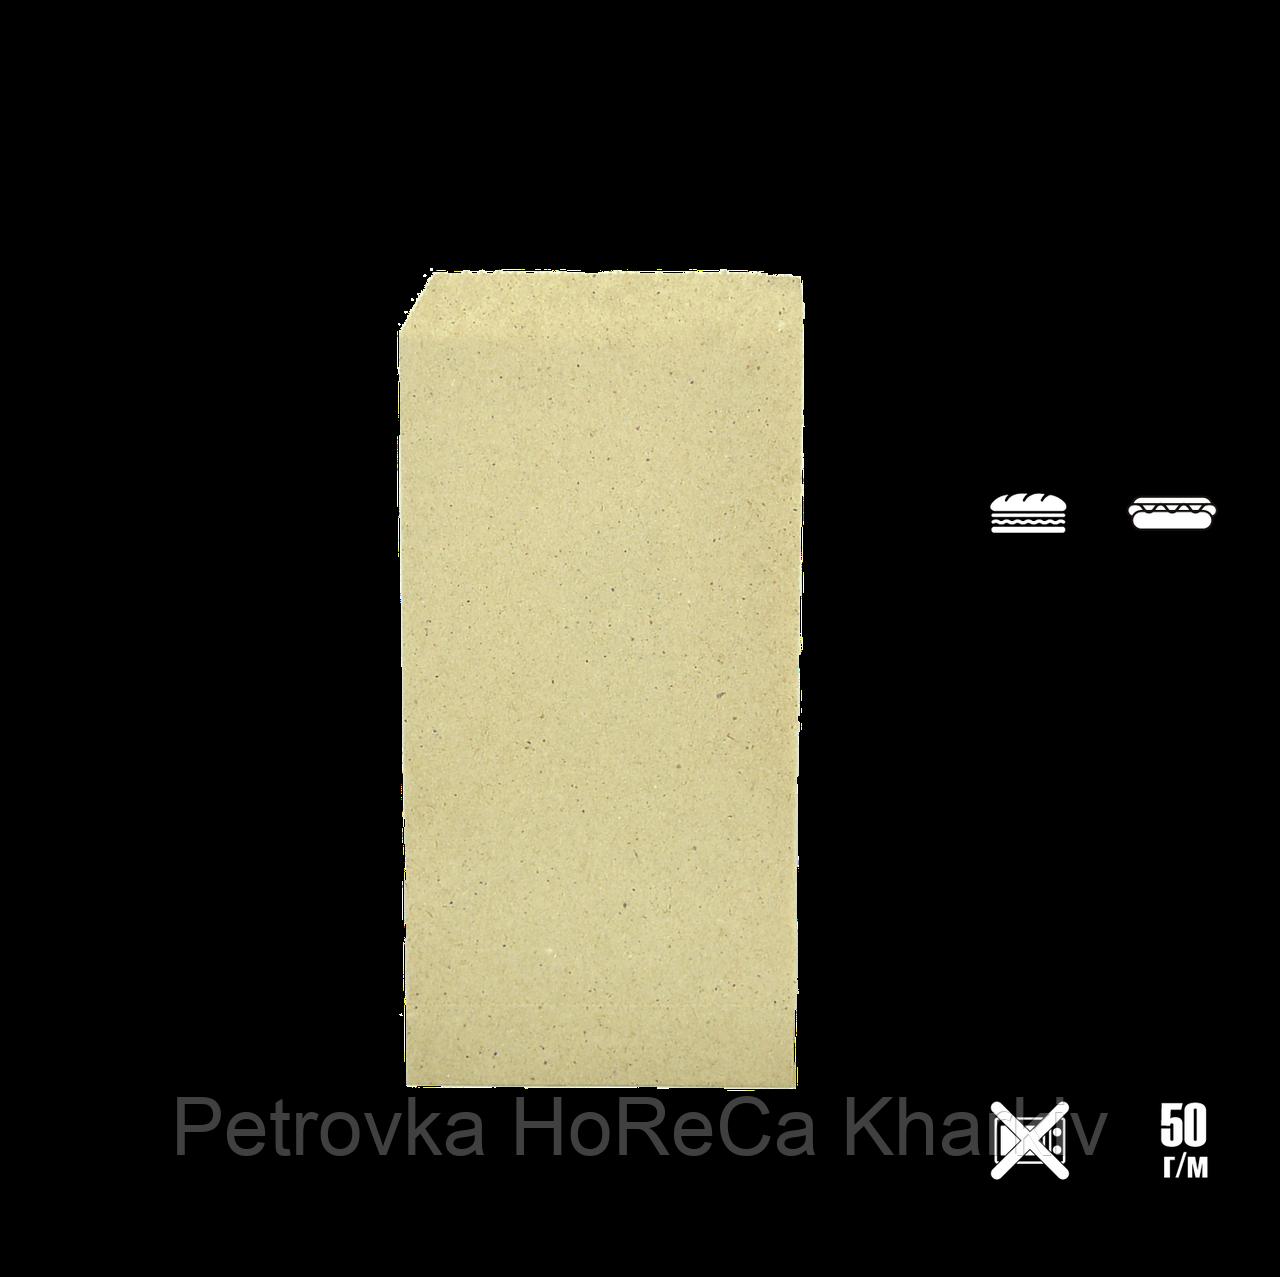 """Куточок КРАФТ паперовий """"Т"""", 280*140мм. Упаковка 100шт, 1000шт/ящ"""